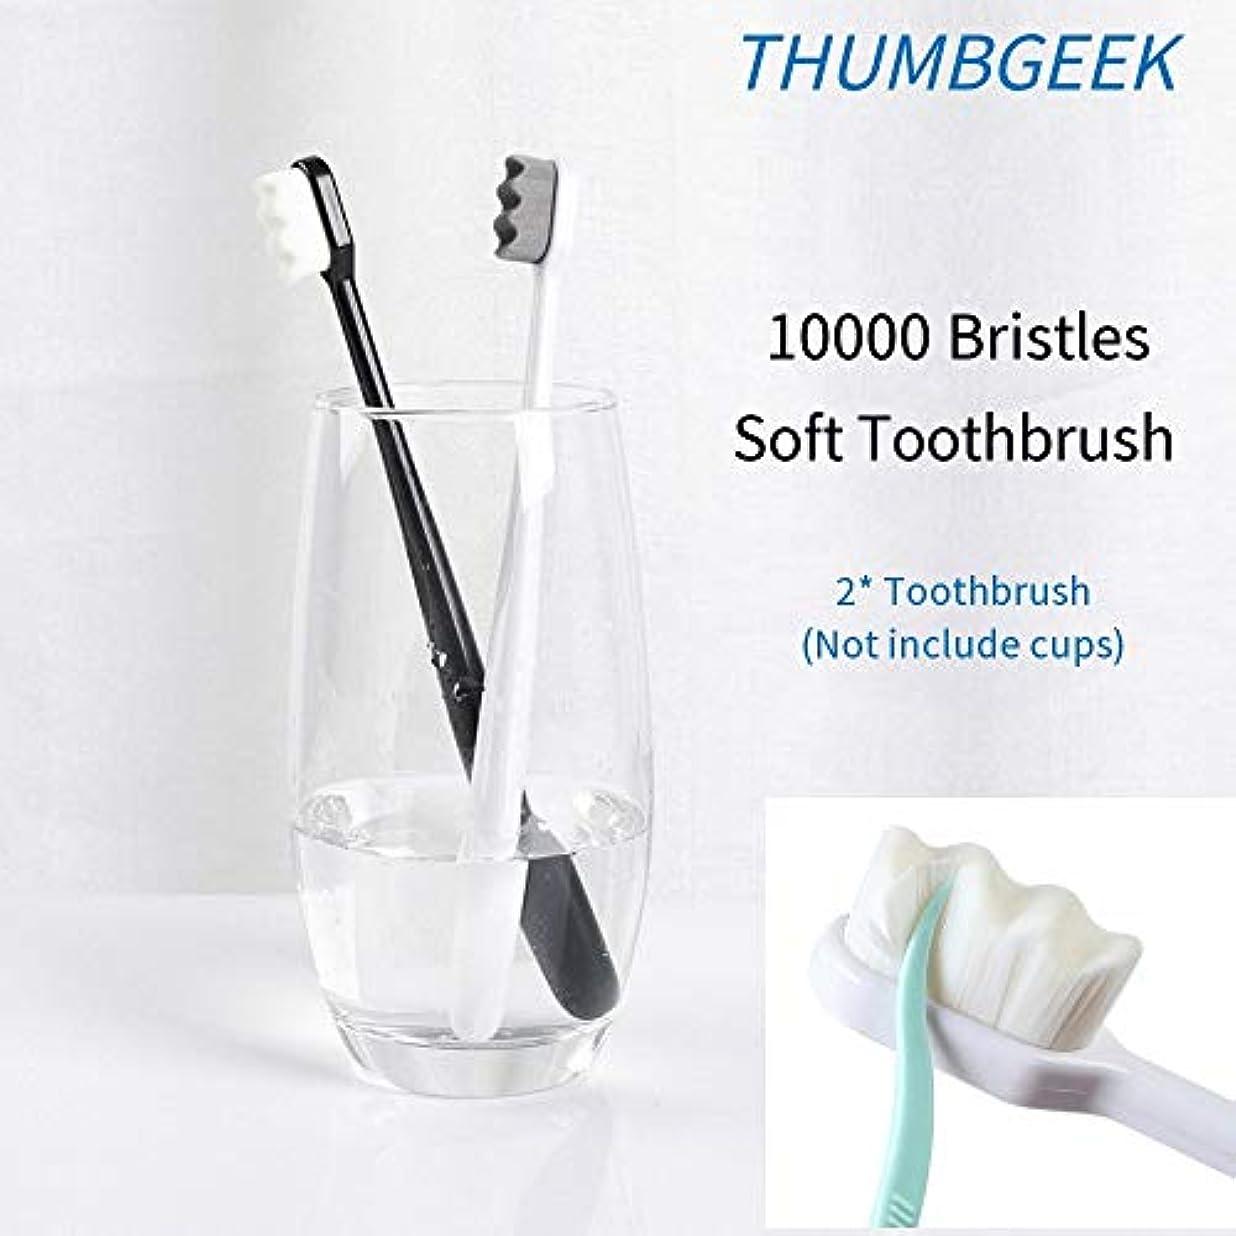 テキスト九時四十五分海2本の歯ブラシ、ウルトラソフト歯ブラシ、家族の妊娠中の女性用、年配の看護の歯肉に敏感なディープマウスクリーンオーラルケア、手動歯ブラシ